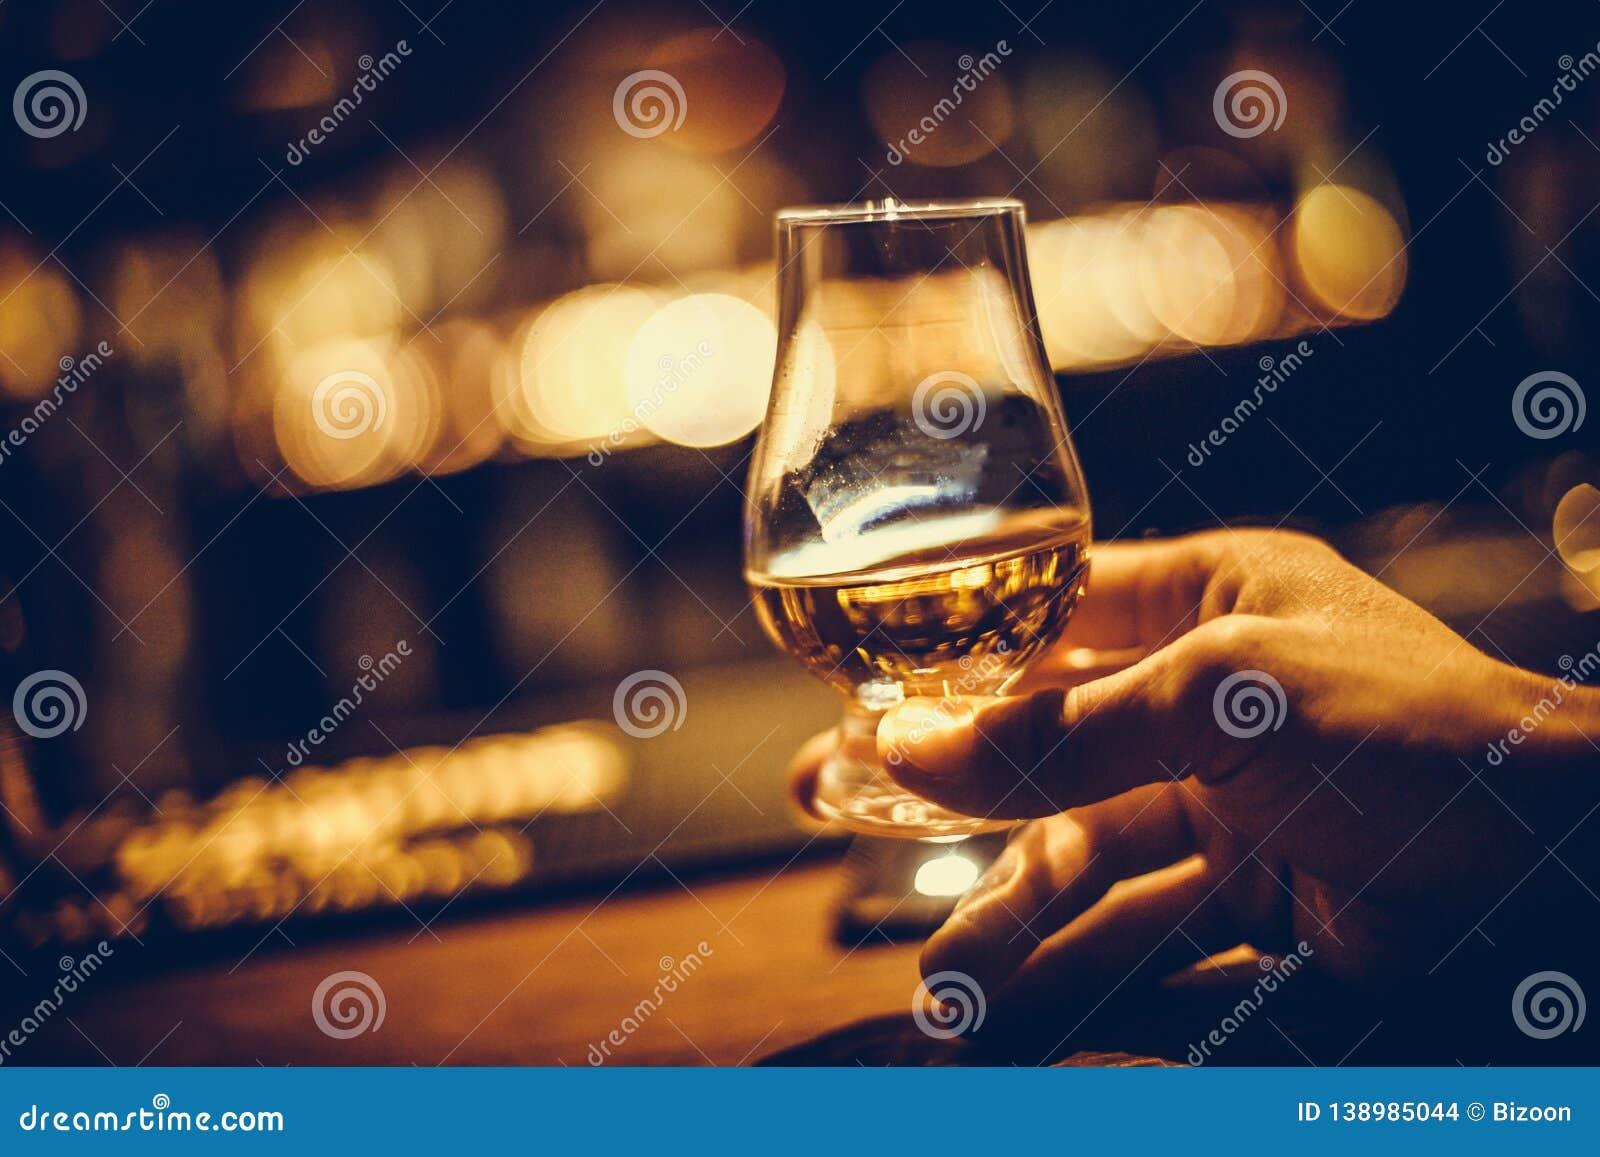 Hand holding a Glencairn single malt whisky glass